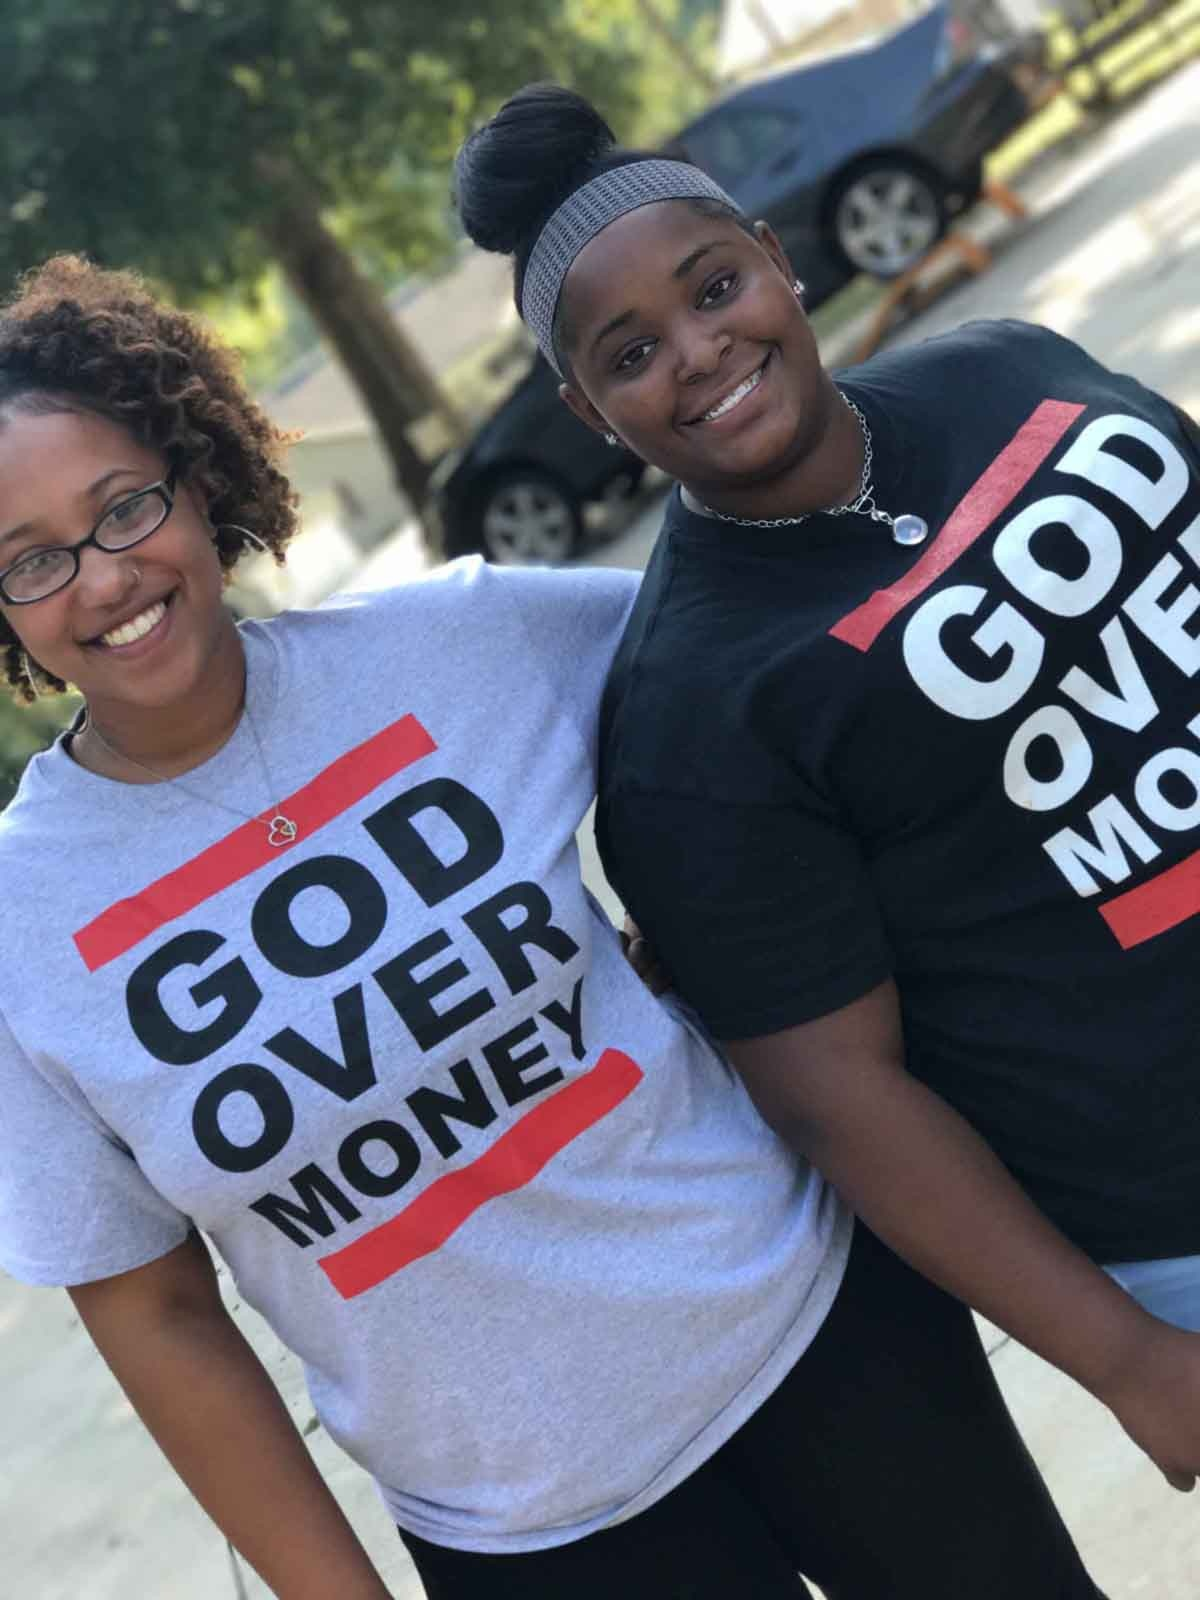 Women Wearing Statement Shirts